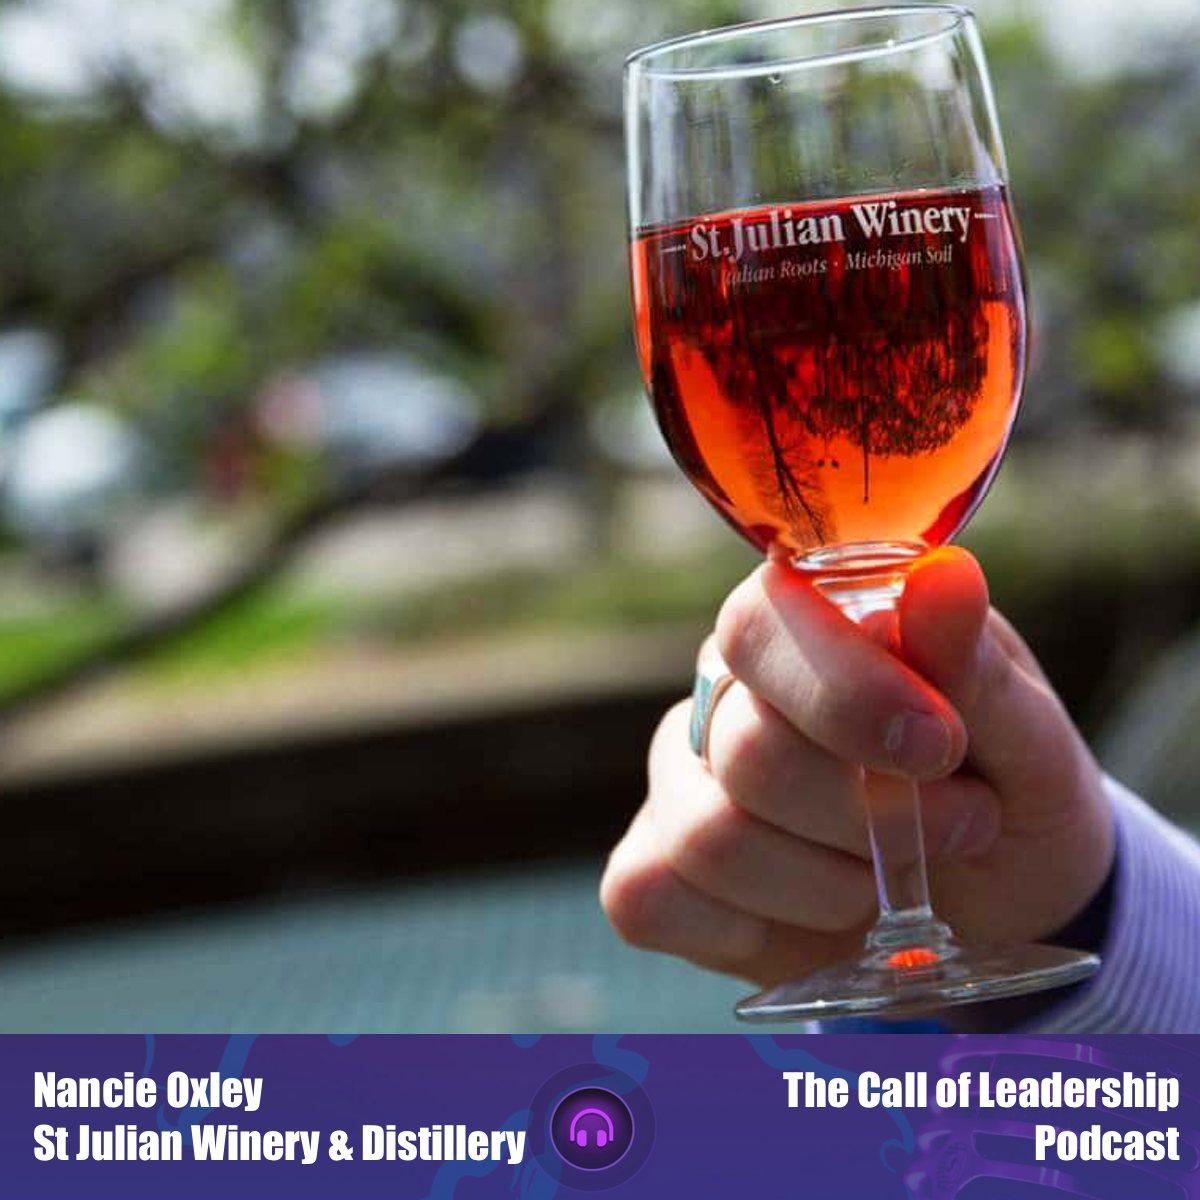 St Julian Winery & Distillery